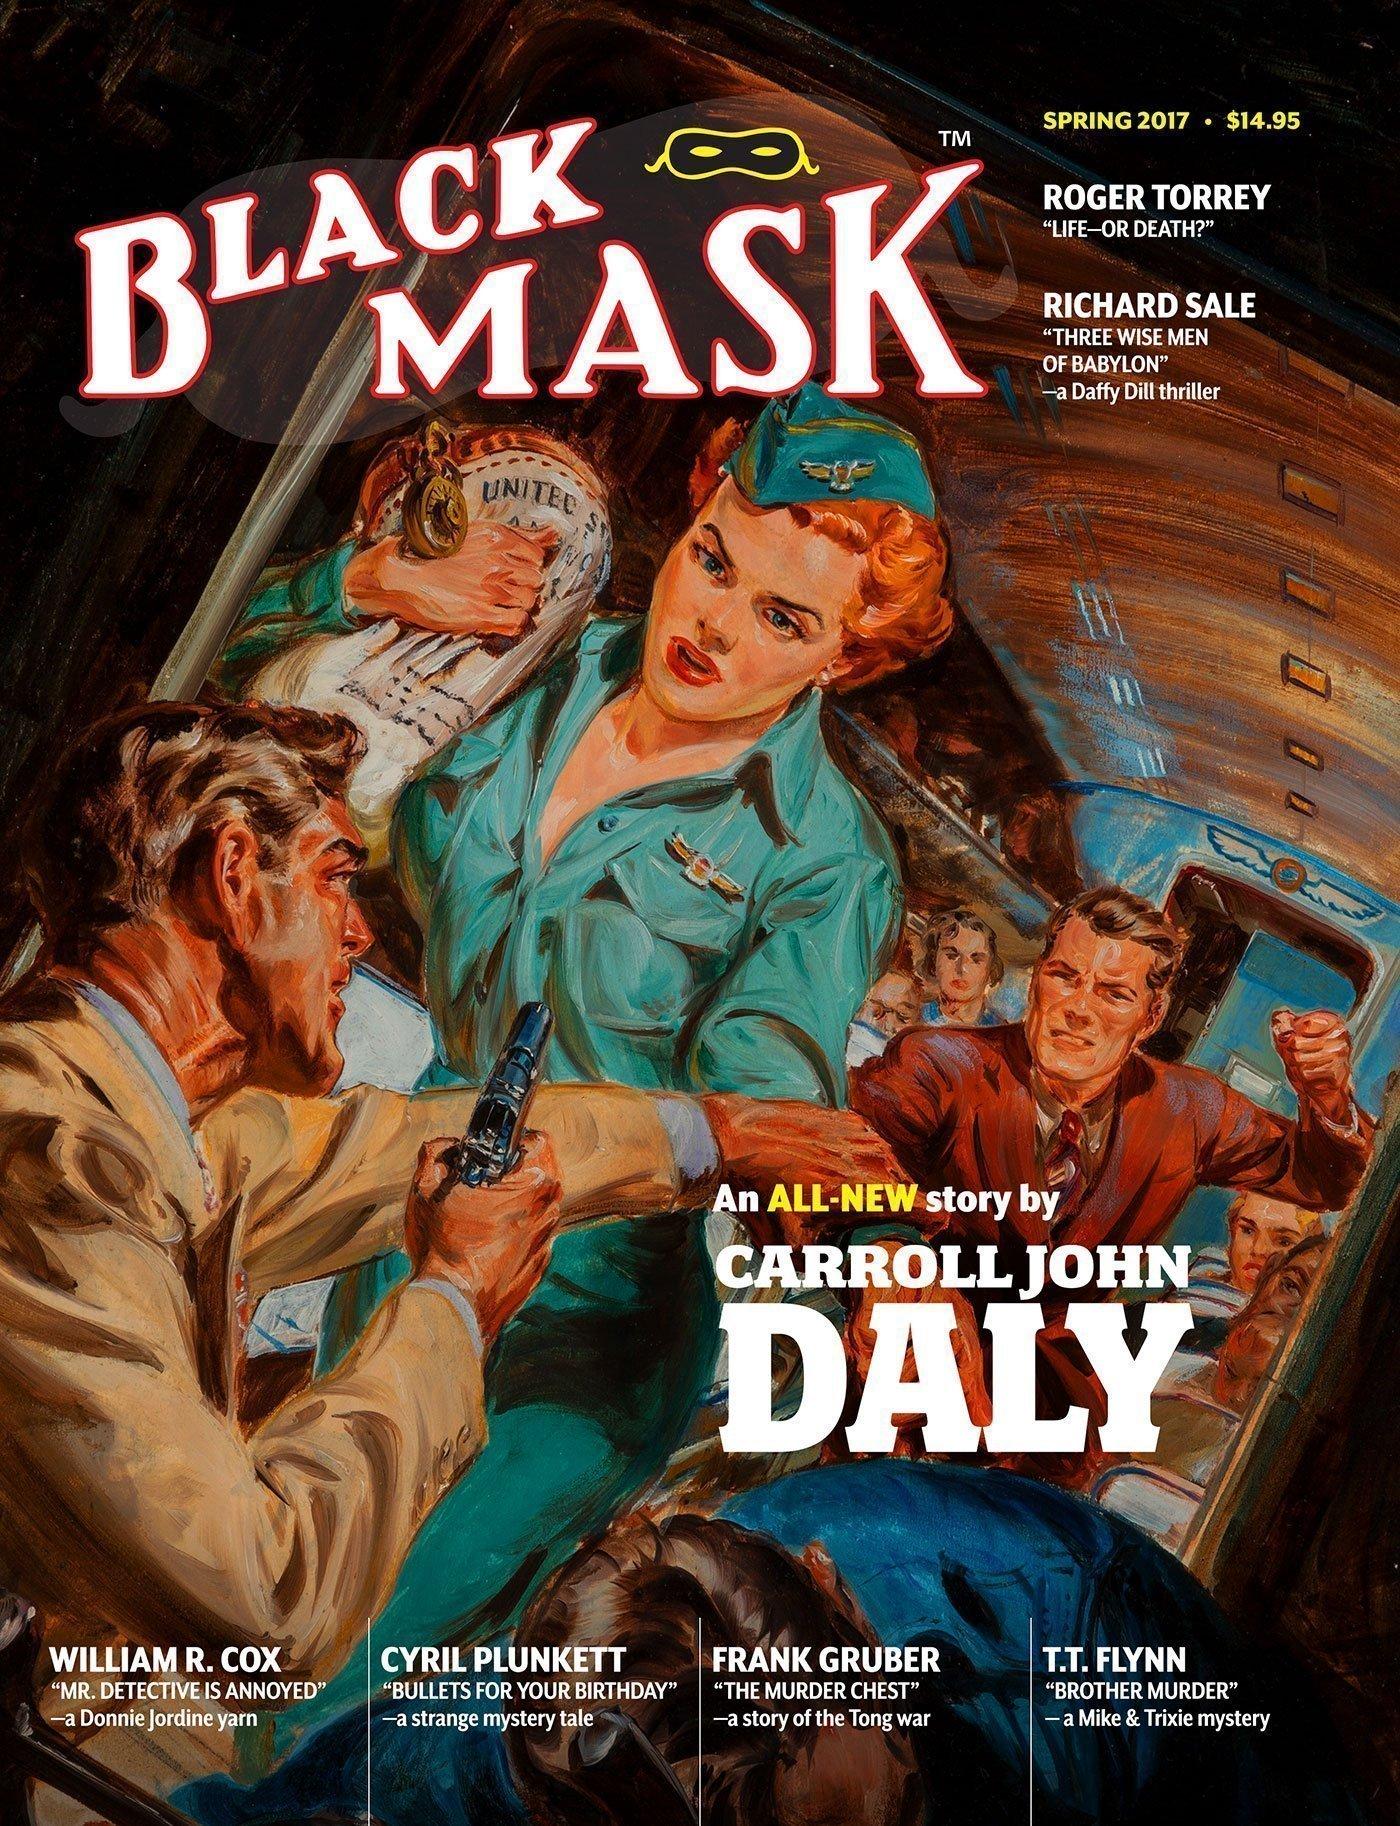 Black Mask (Spring 2017)